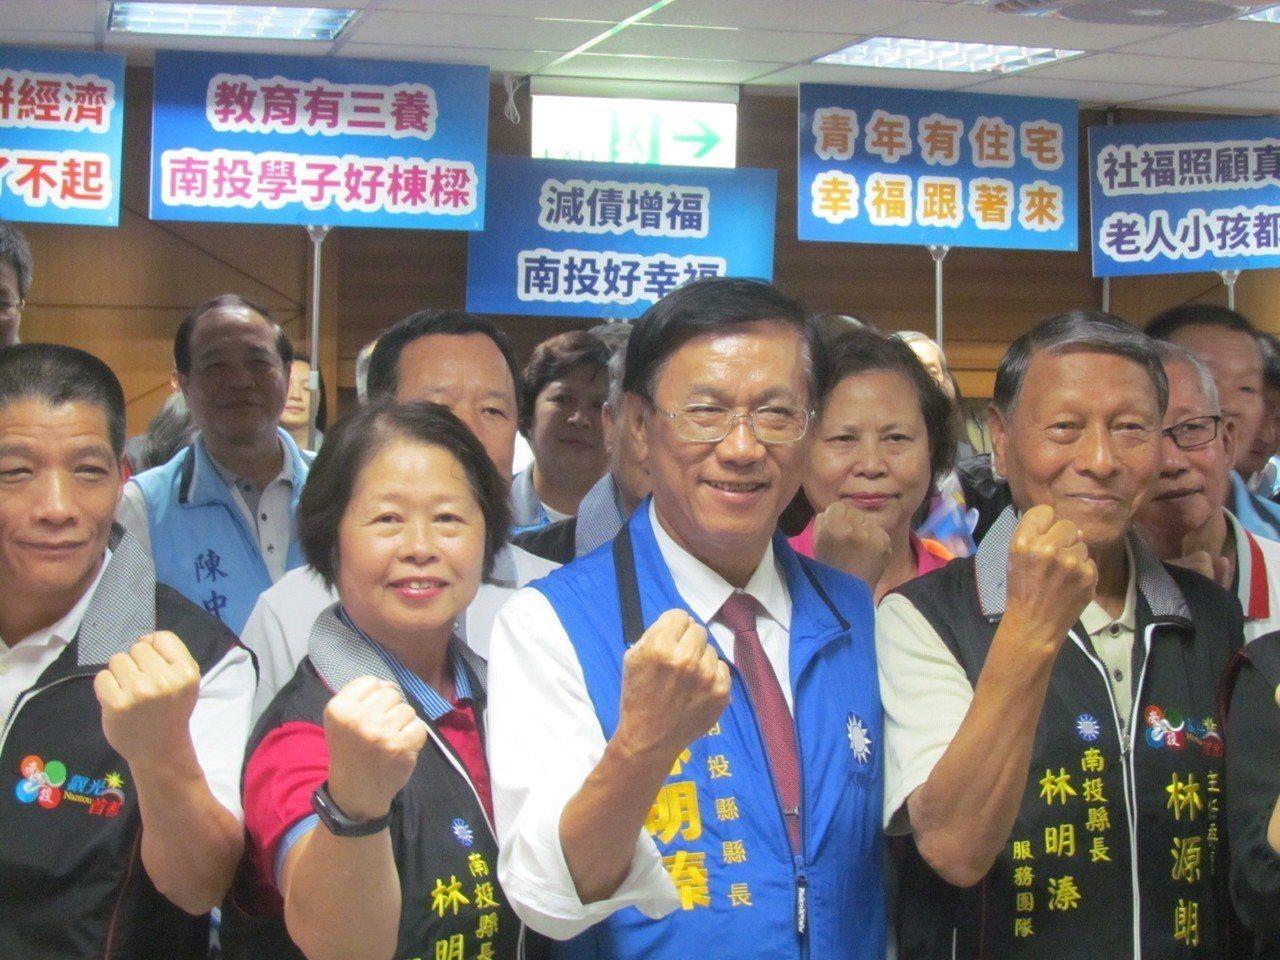 南投縣長林明溱在大批支持者陪同下,登記參選下屆南投縣長。記者張家樂/攝影